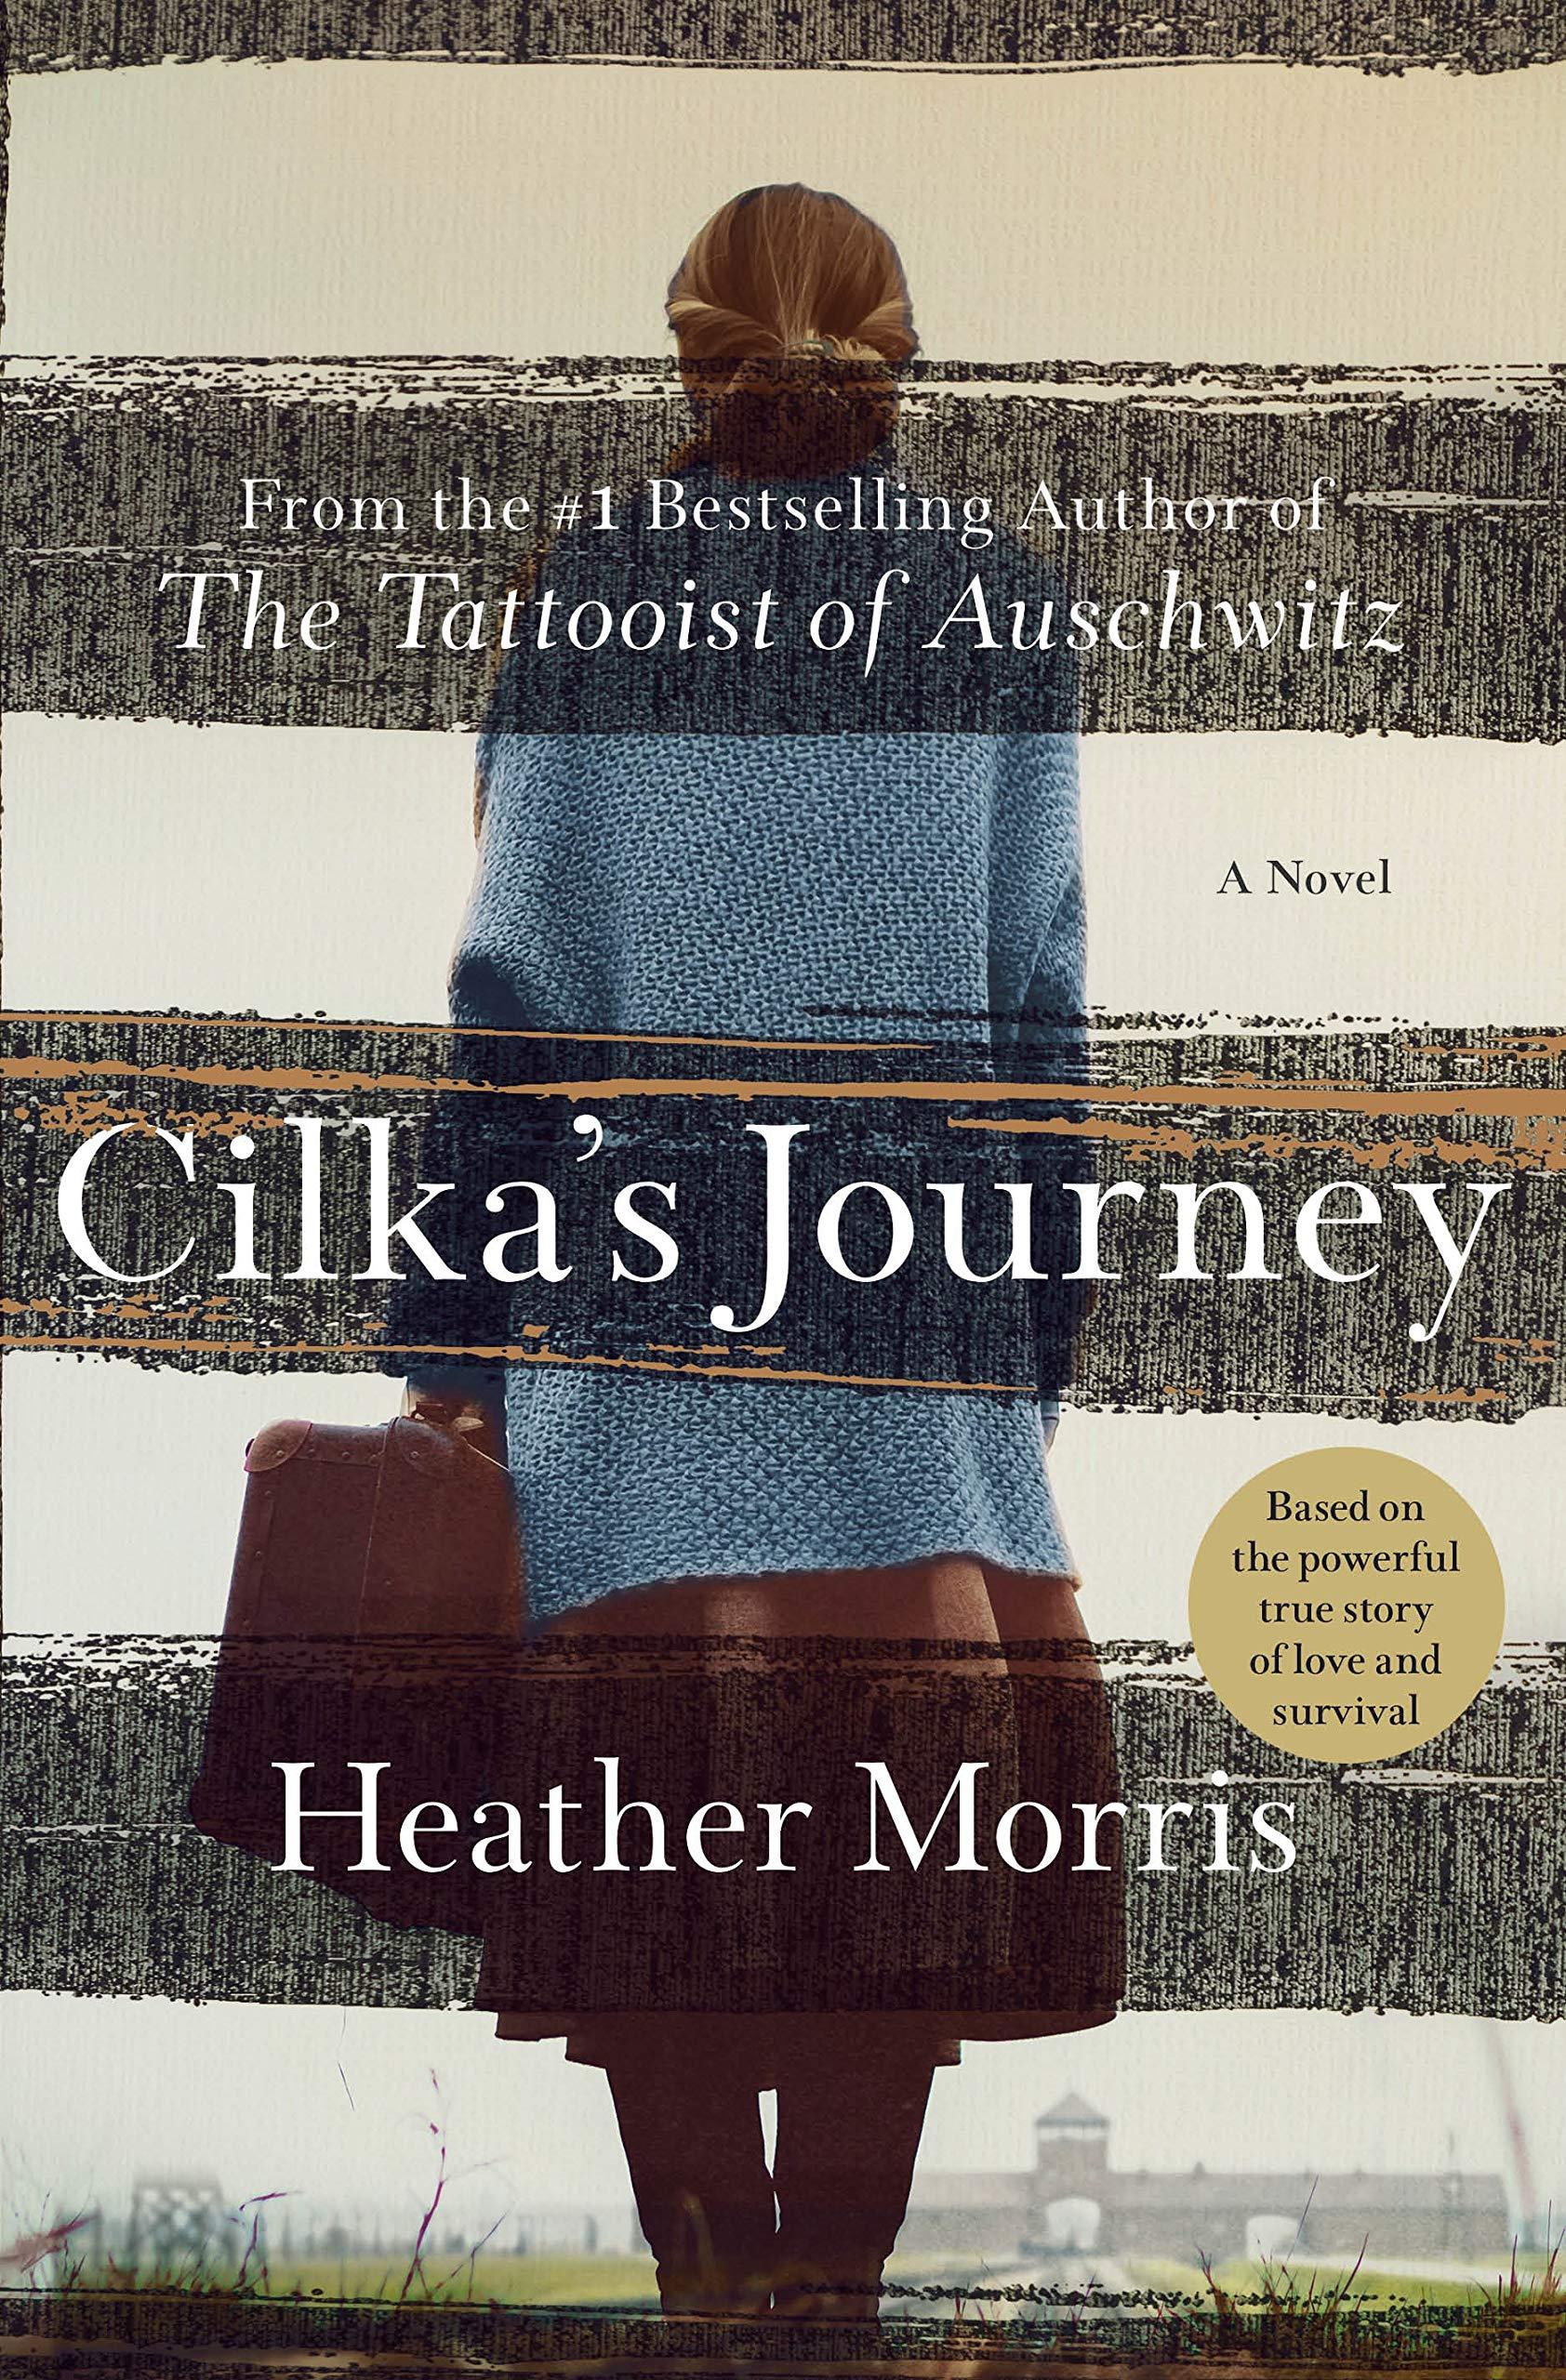 Cilka's Journey: A Novel (Tattooist of Auschwitz) by St. Martin's Press